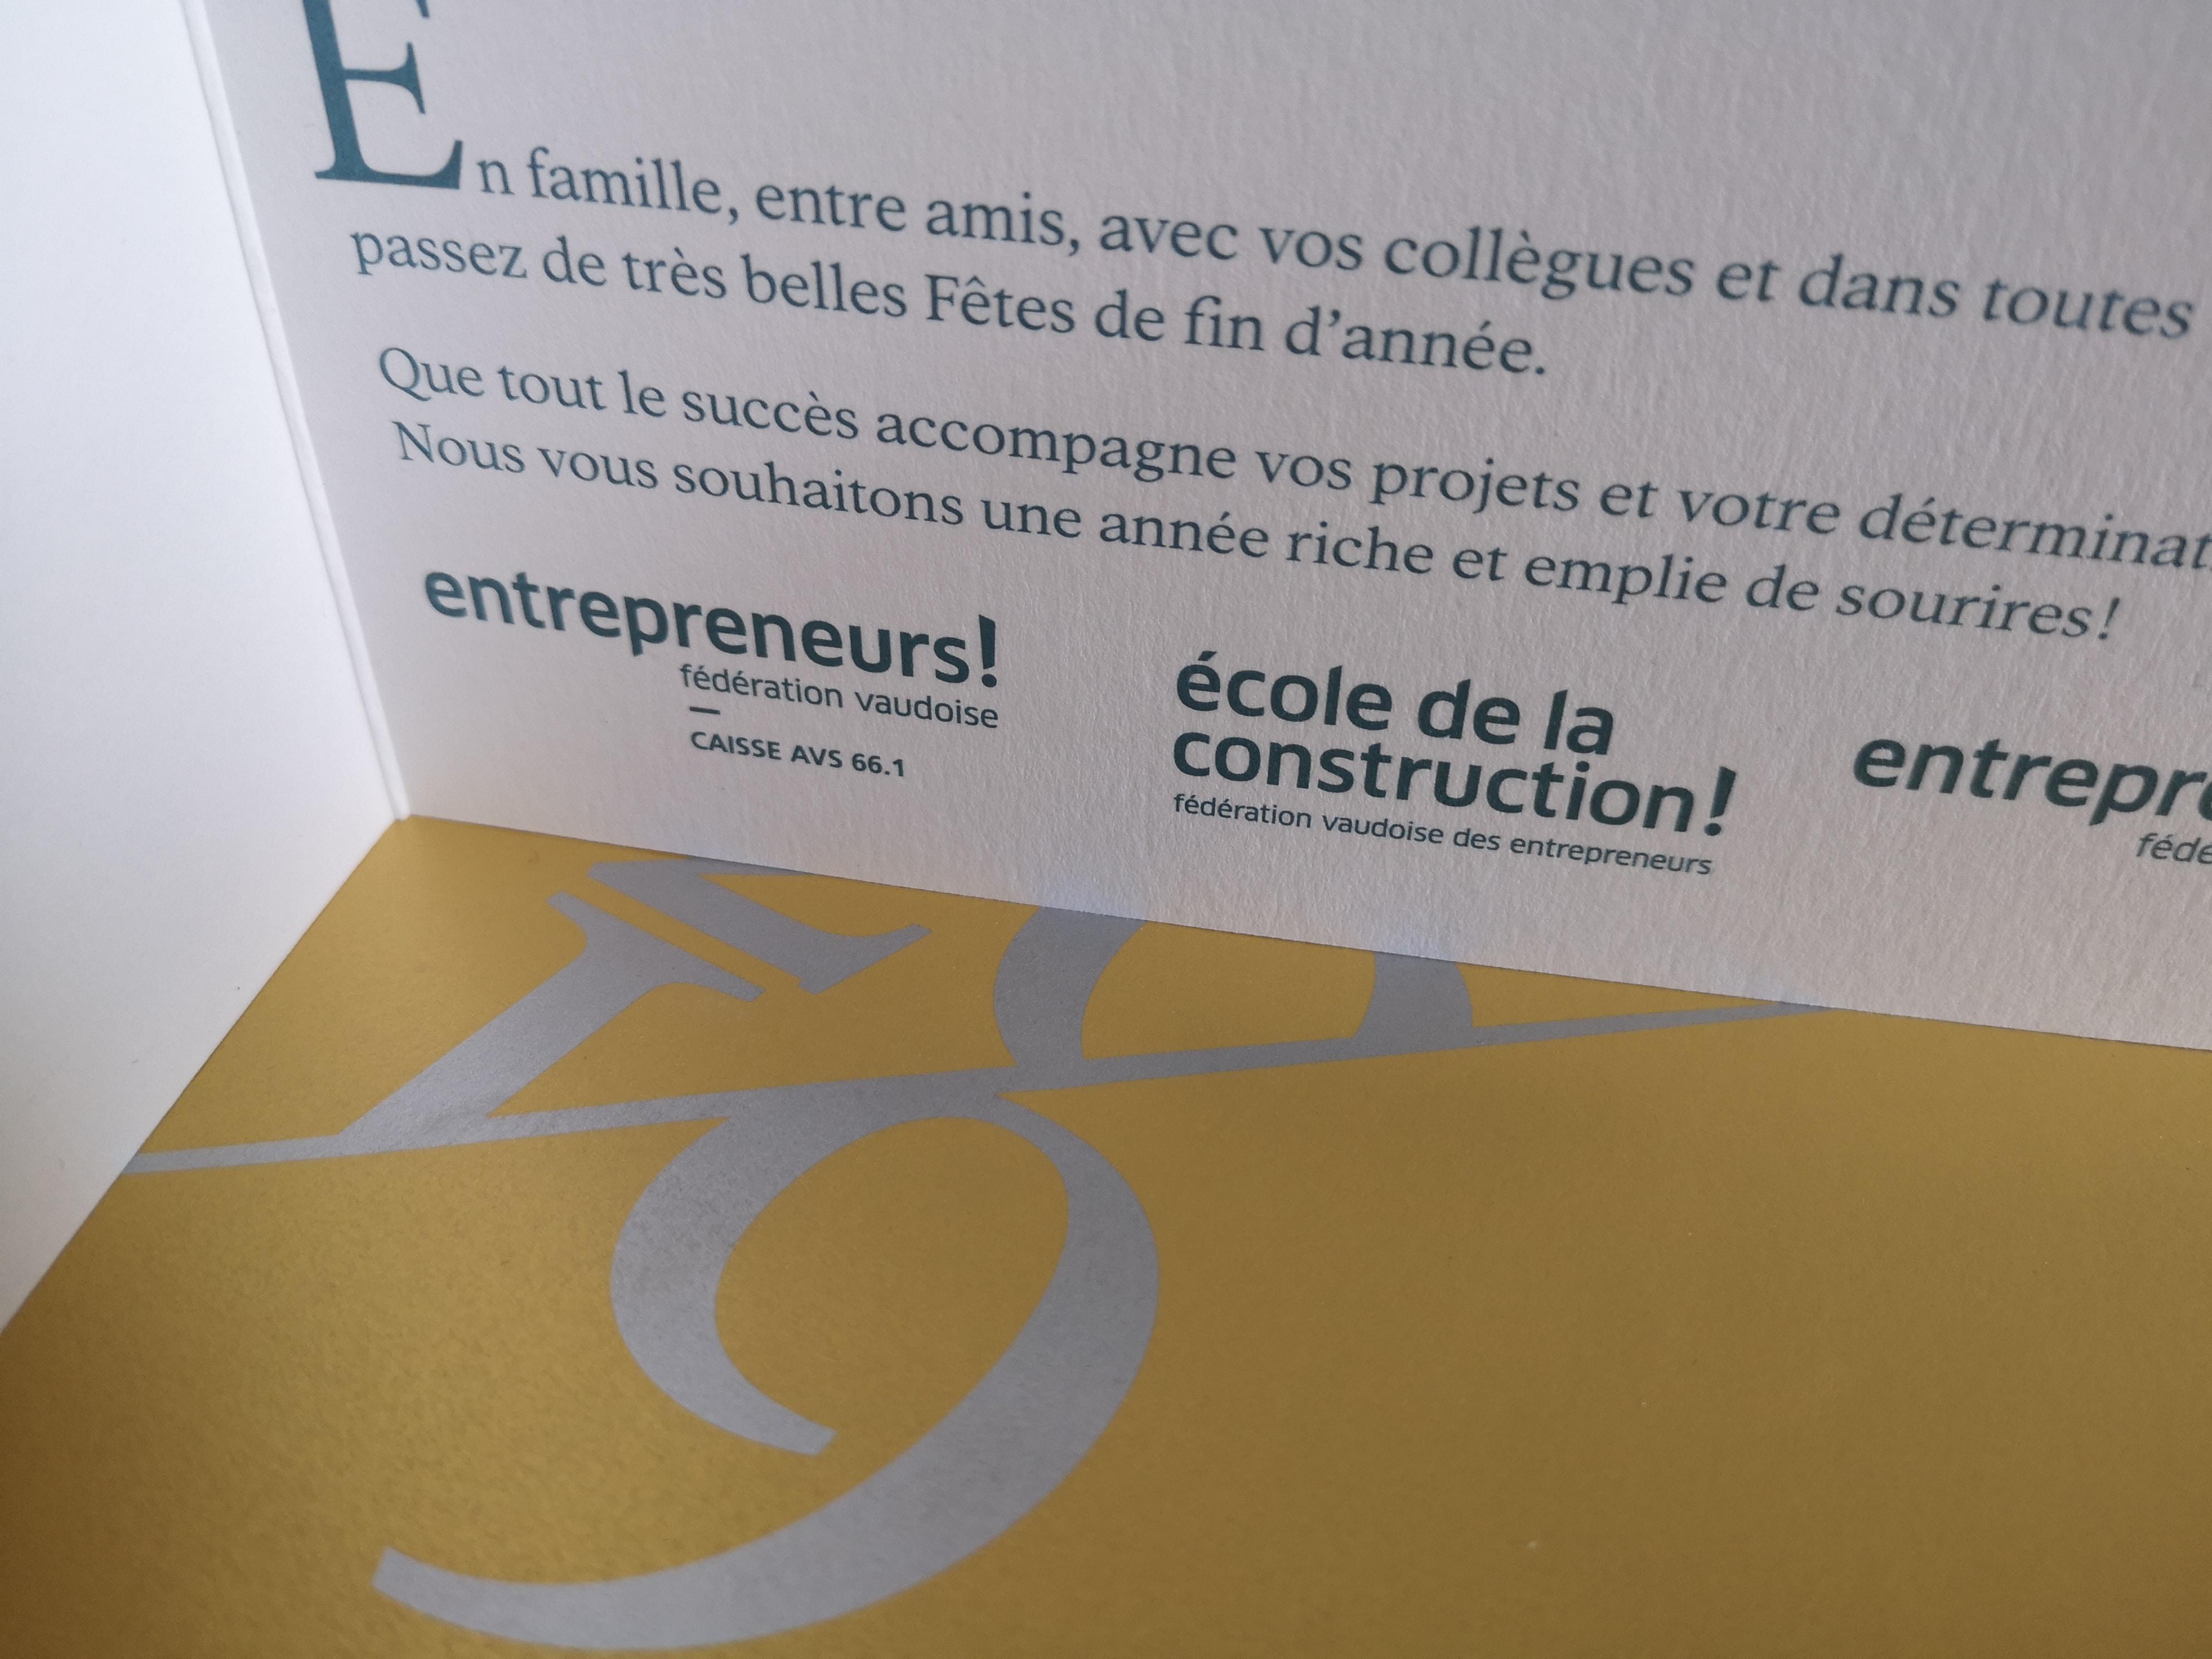 FVE | Fédération vaudoise des entrepreneurs - Carte de voeu